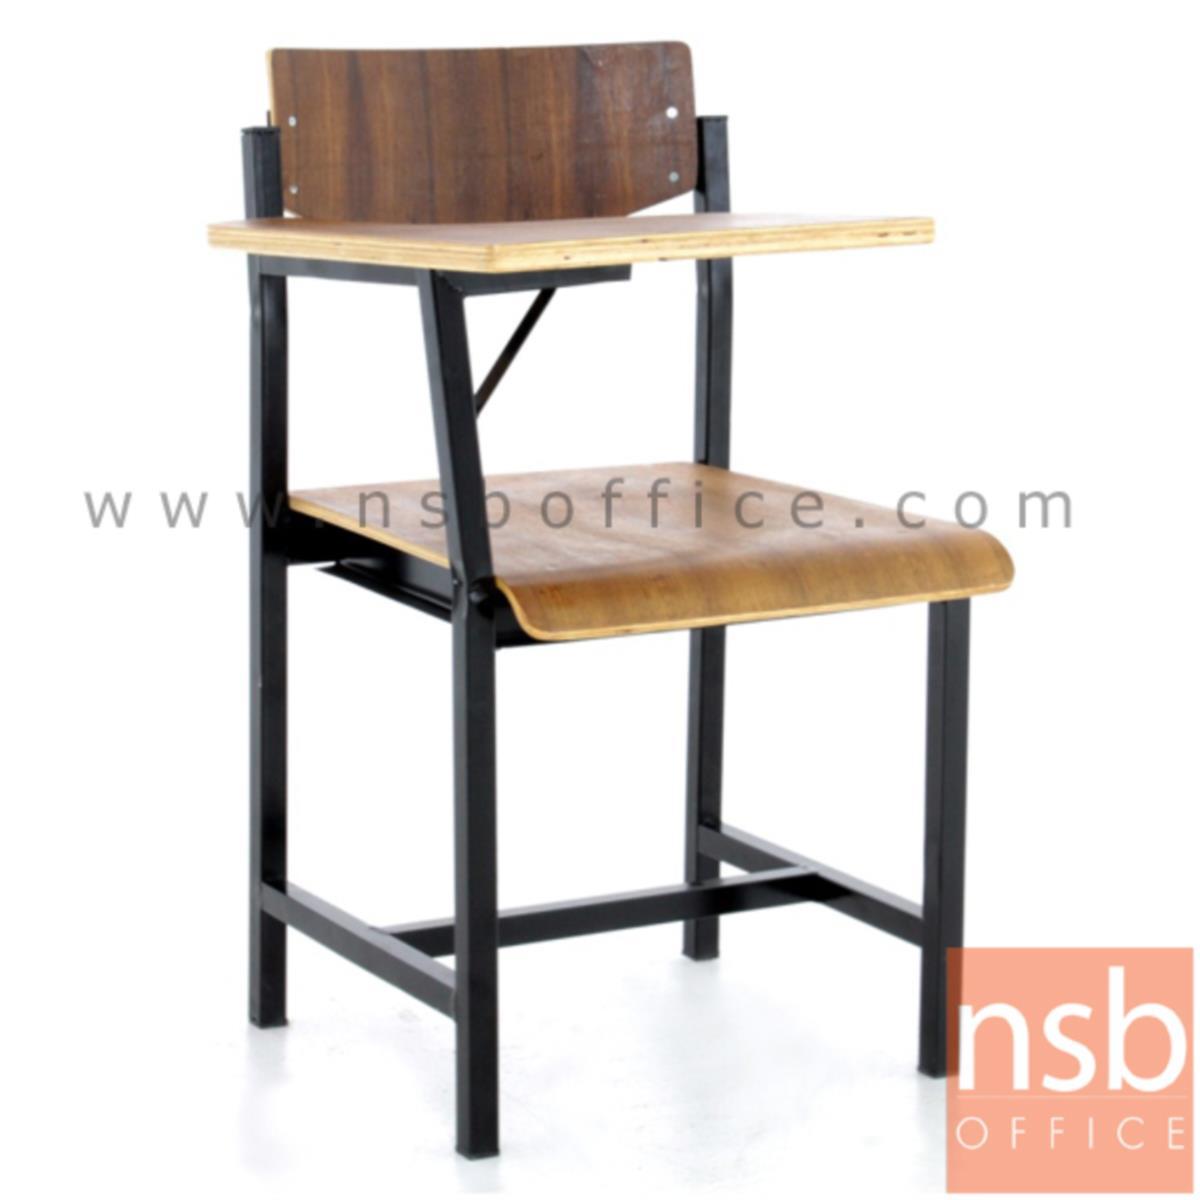 เก้าอี้เลคเชอร์ไม้ รุ่น NEWHAMPSHIRE (นิวแฮมเซียร์)  โครงเหล็ก ระดับประถมศึกษา